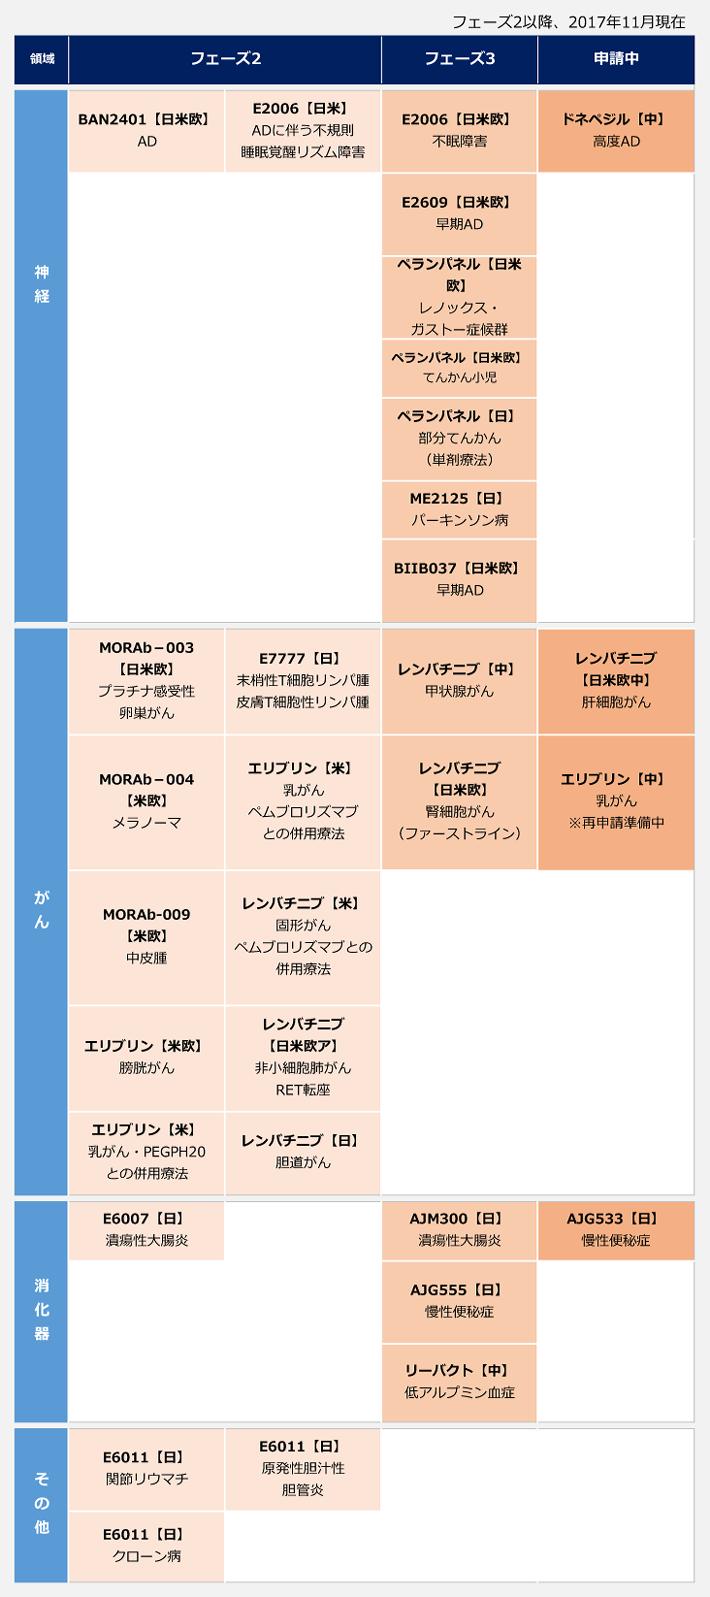 エーザイのパイプライン表(フェーズ2以降、2017年11月現在)神経領域のフェーズ2はBAN2401(AD)、E2006(ADに伴う不規則睡眠覚醒リズム障害)、フェーズ3はE2006(不眠障害)、E2609(早期AD)、ペランパネル(レノックス・ガストー症候群)、ペランパネル(てんかん小児)、ペランパネル(部分てんかん(単剤療法))、ME2125(パーキンソン病)、BIIB037(早期AD)、申請中はドネペジル(高度AD)。がん領域のフェーズ2はMORAb-003(プラチナ感受性卵巣がん)、MORAb-004(メラノーマ)、MORAb-009(中皮腫)、エリブリン(膀胱がん)、エリブリン(乳がん・PEGPH20との併用療法)、E7777(末梢性T細胞リンパ腫、皮膚T細胞性リンパ腫)、エリブリン(乳がん・ペムブロリズマブとの併用療法)、レンバチニブ(固形がん・ペムブロリズマブとの併用療法)、レンバチニブ(非小細胞肺がんRET転座)、レンバチニブ(胆道がん)、フェーズ3はレンバチニブ(甲状腺がん)、レンバチニブ(腎細胞がん(ファーストライン))、申請中はレンバチニブ(肝細胞がん)、エリブリン(乳がん※再申請準備中)。消化器領域のフェーズ2はE6007(潰瘍性大腸炎)、フェーズ3はAJM300(潰瘍性大腸炎)、AJG555(慢性便秘症)、リーバクト(低アルプミン血症)、申請中はAJG533(慢性便秘症)。その他領域のフェーズ2はE6011(関節リウマチ)、E6011(クローン病)、E6011(原発性胆汁性胆管炎)